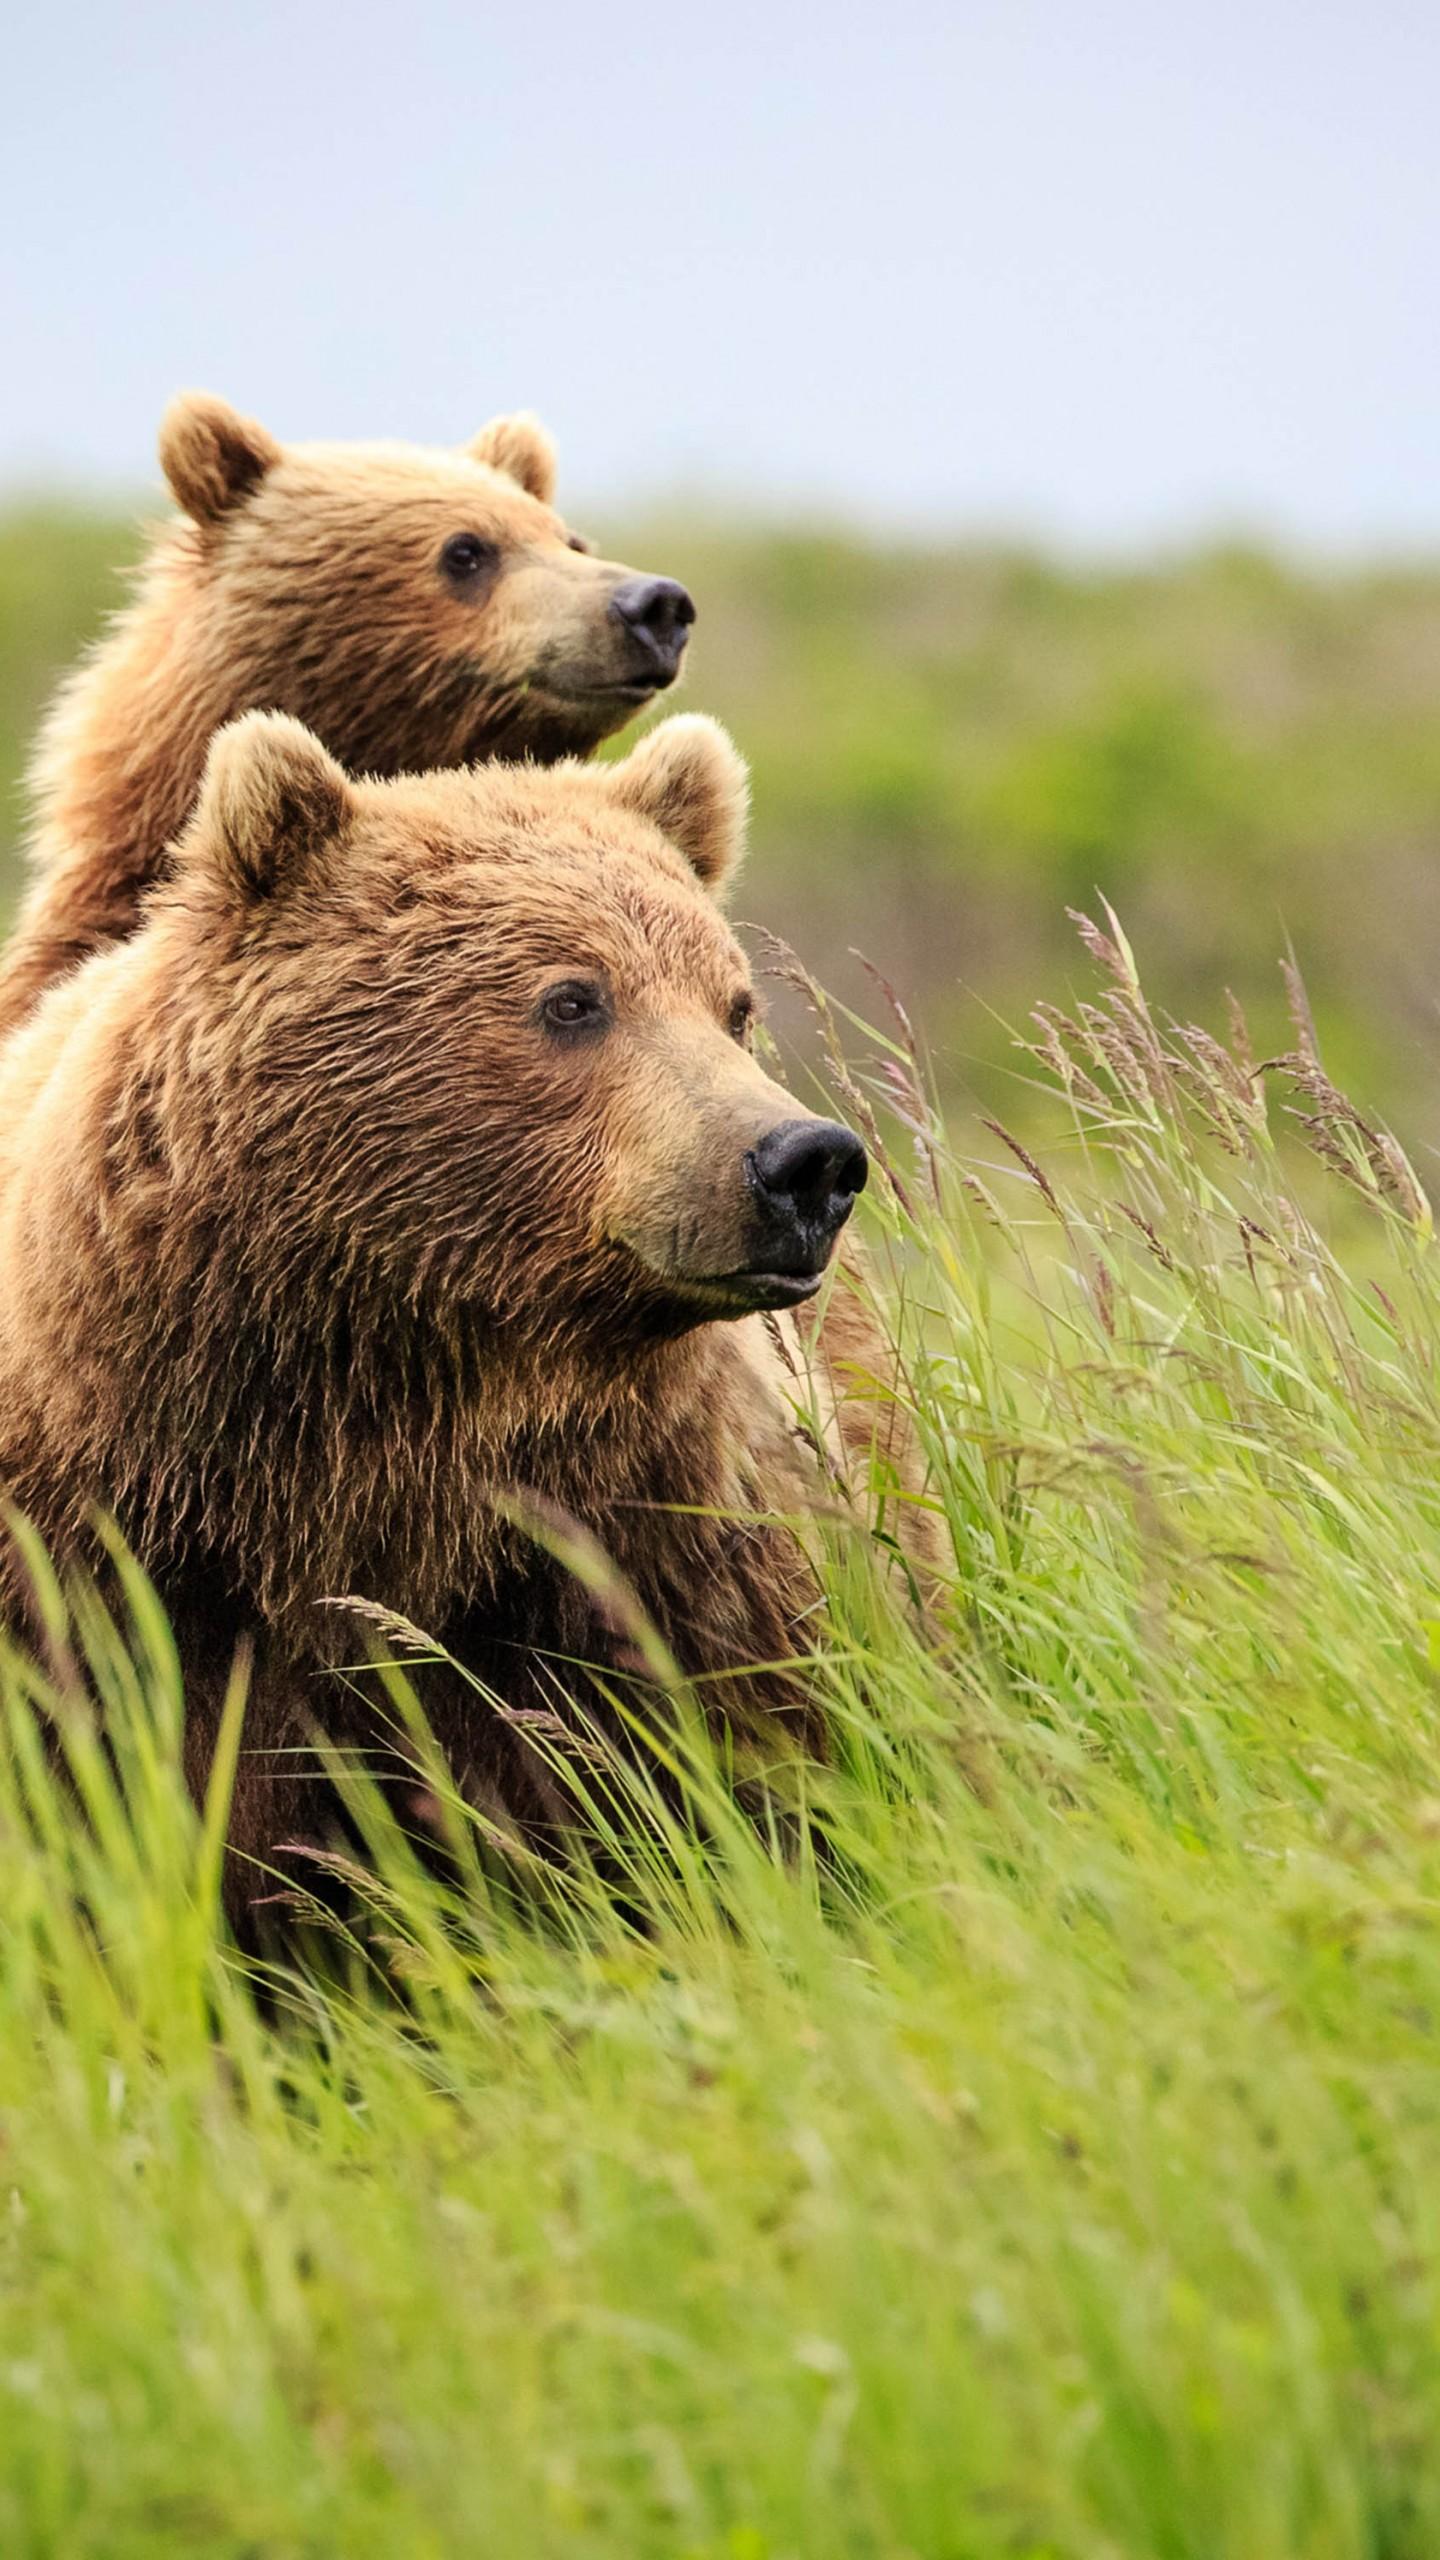 Wallpaper Bear Cute Animals Grass 4k Animals 16105